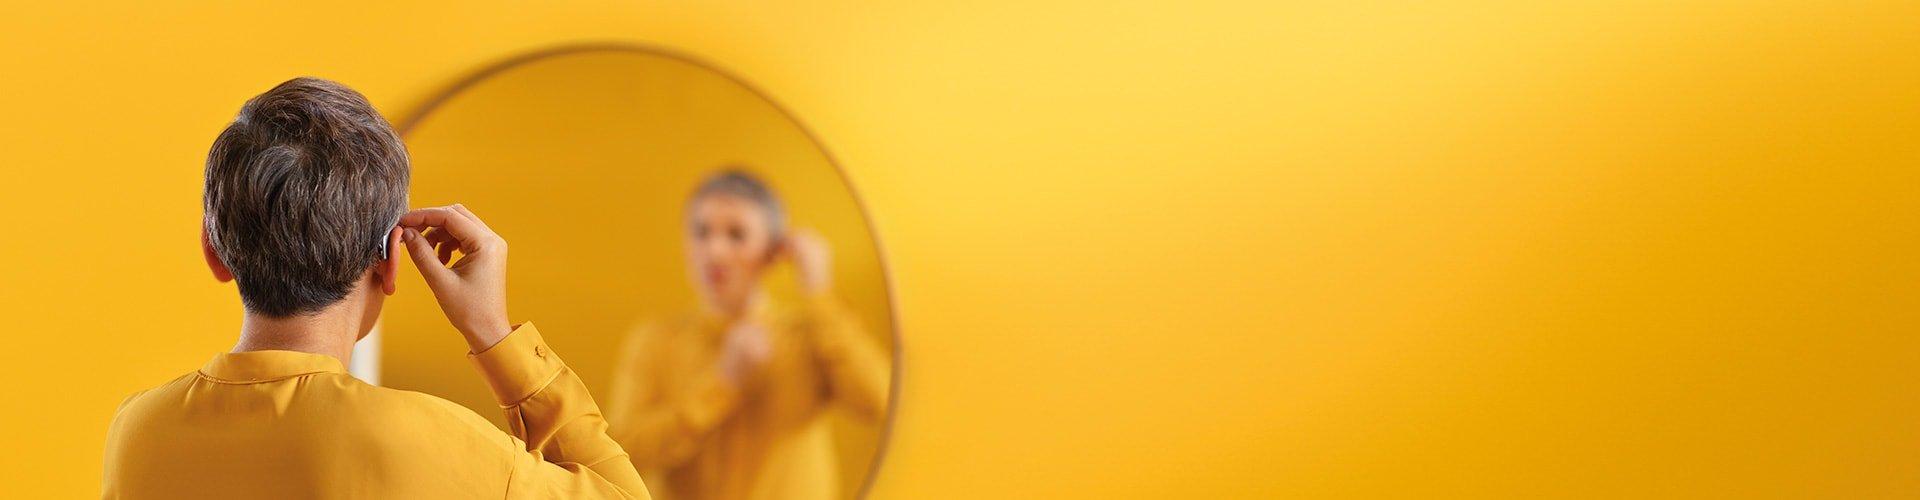 Kobieta zakłada swój aparat słuchowy Philips. Aparaty Philips HearLink dostępne są w szerokiej gamie modeli.